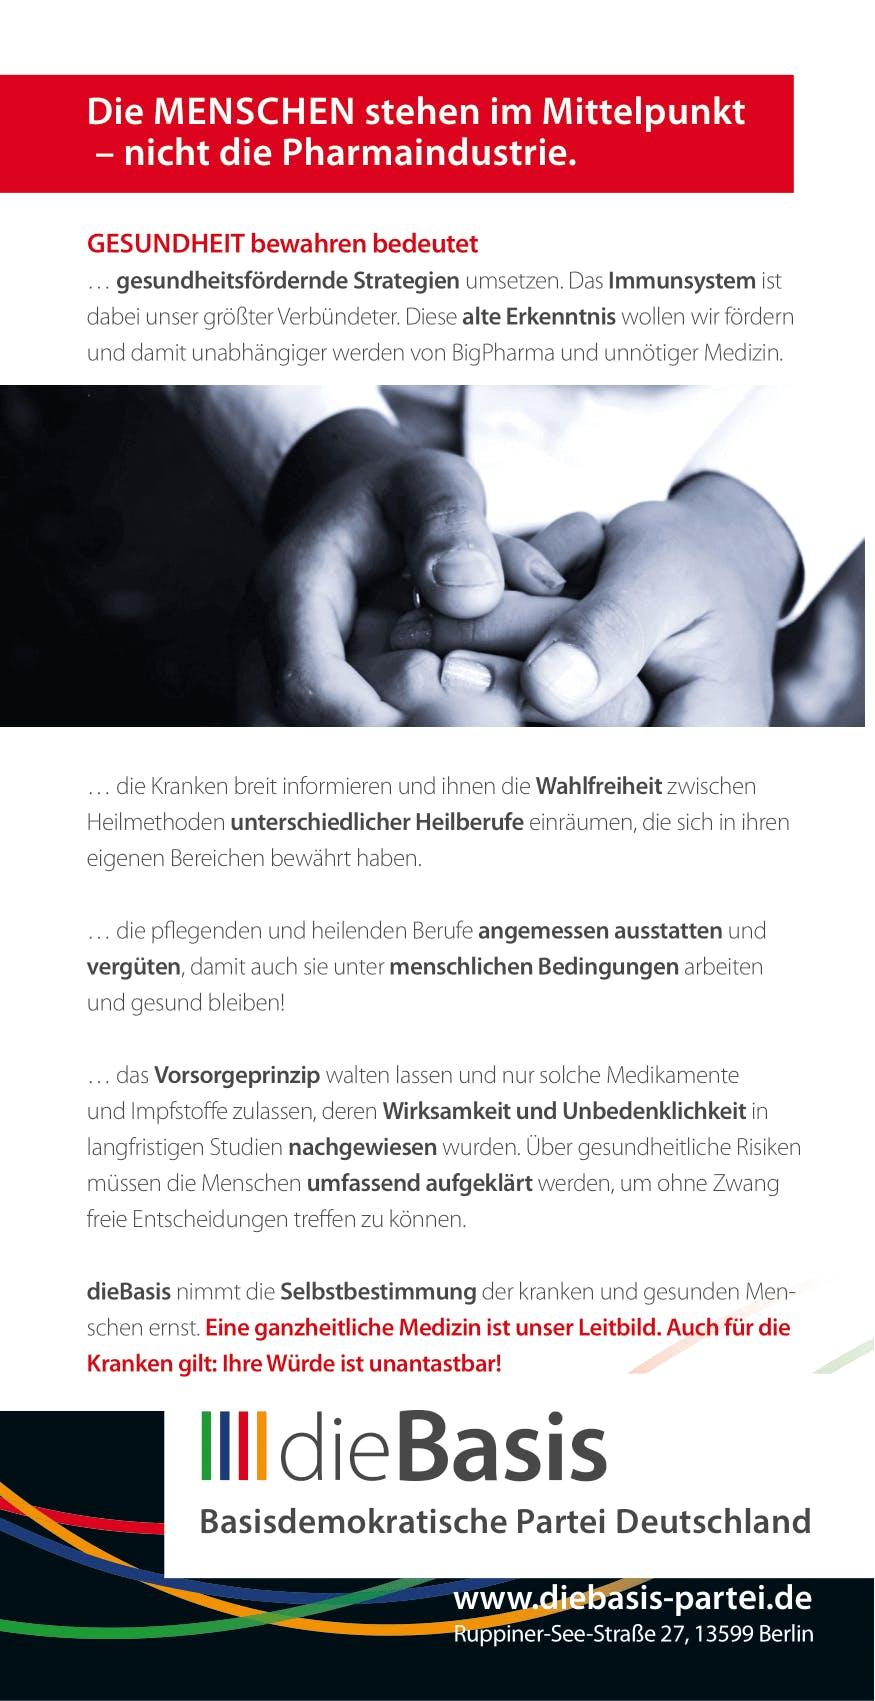 Flyer: Die Basis Themenflyer - Unser Gesundheitssystem braucht eine neue Basis (DIN lang 10,5 cm x 21,0 cm, beidseitig bedruckt)